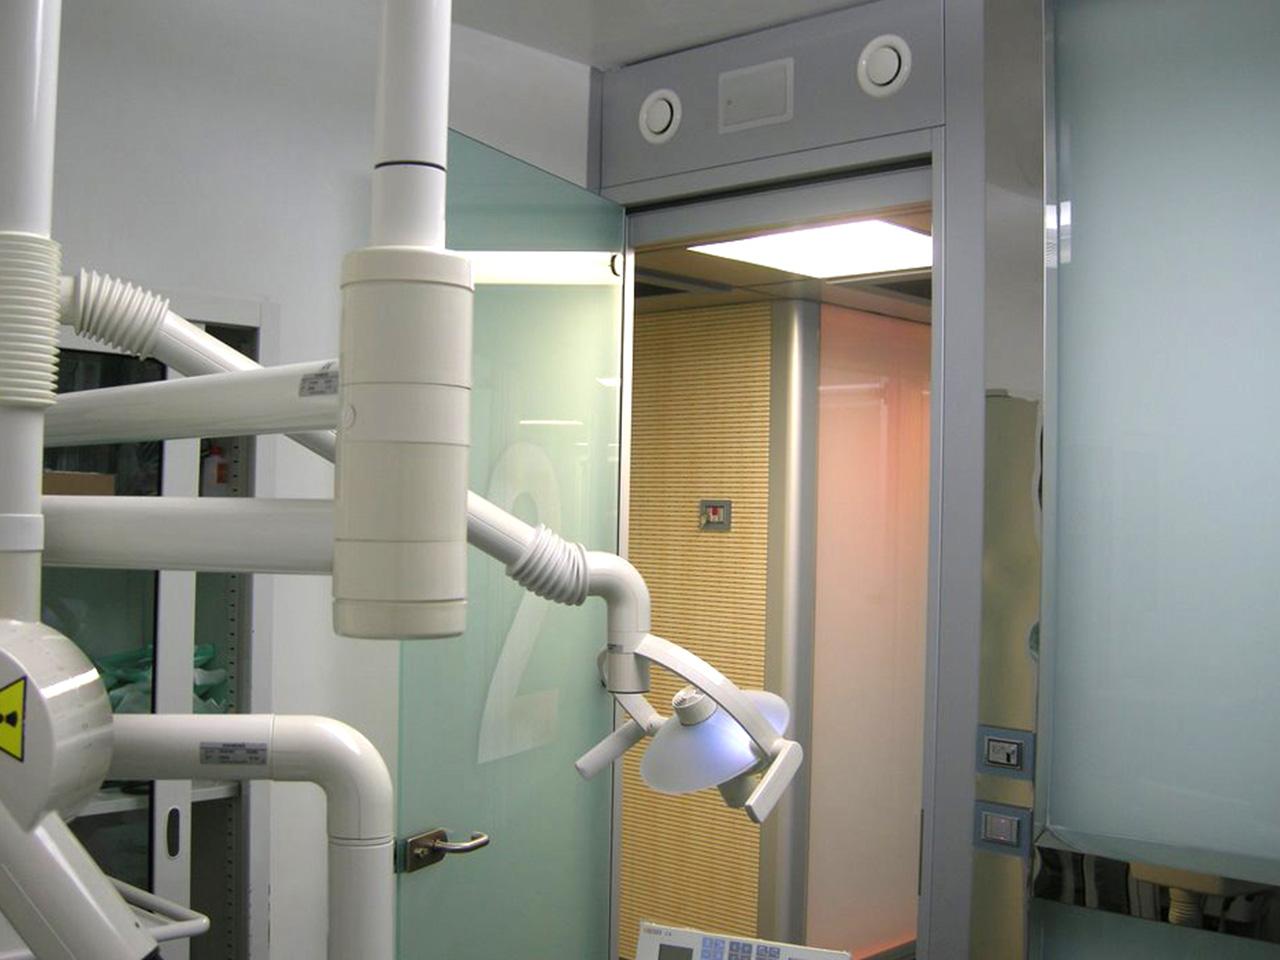 Realizzazione presidi sanitari - Clinica Dental Smile 05